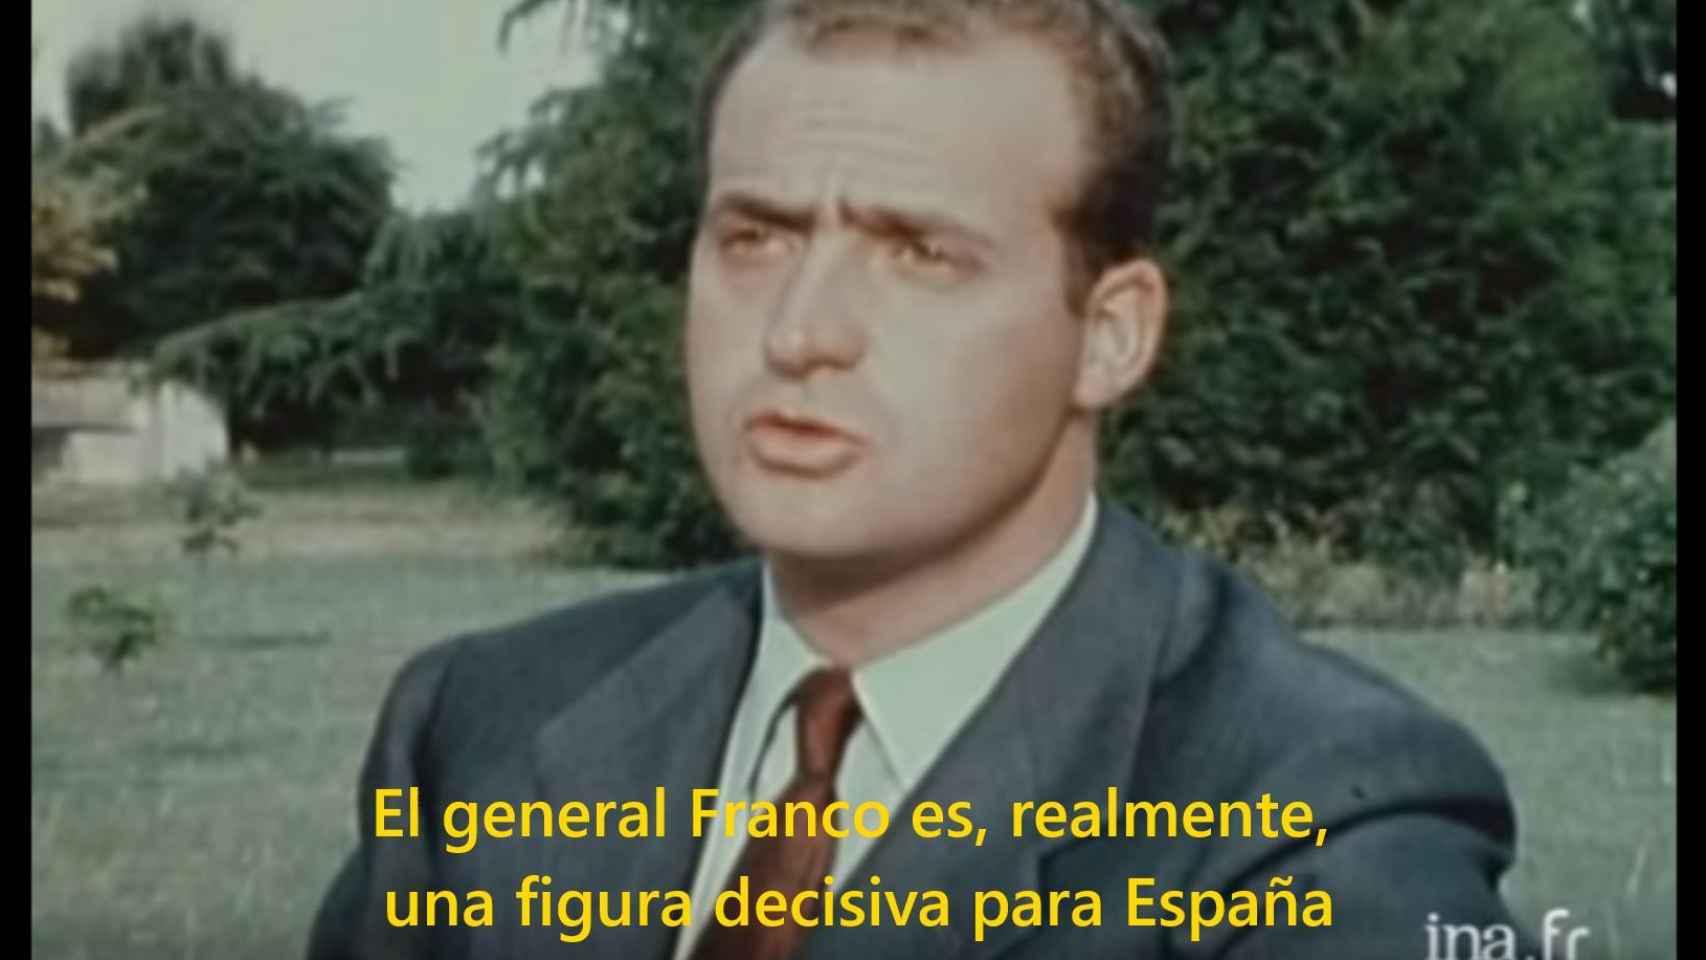 La entrevista al rey Juan Carlos grabada en 1969.